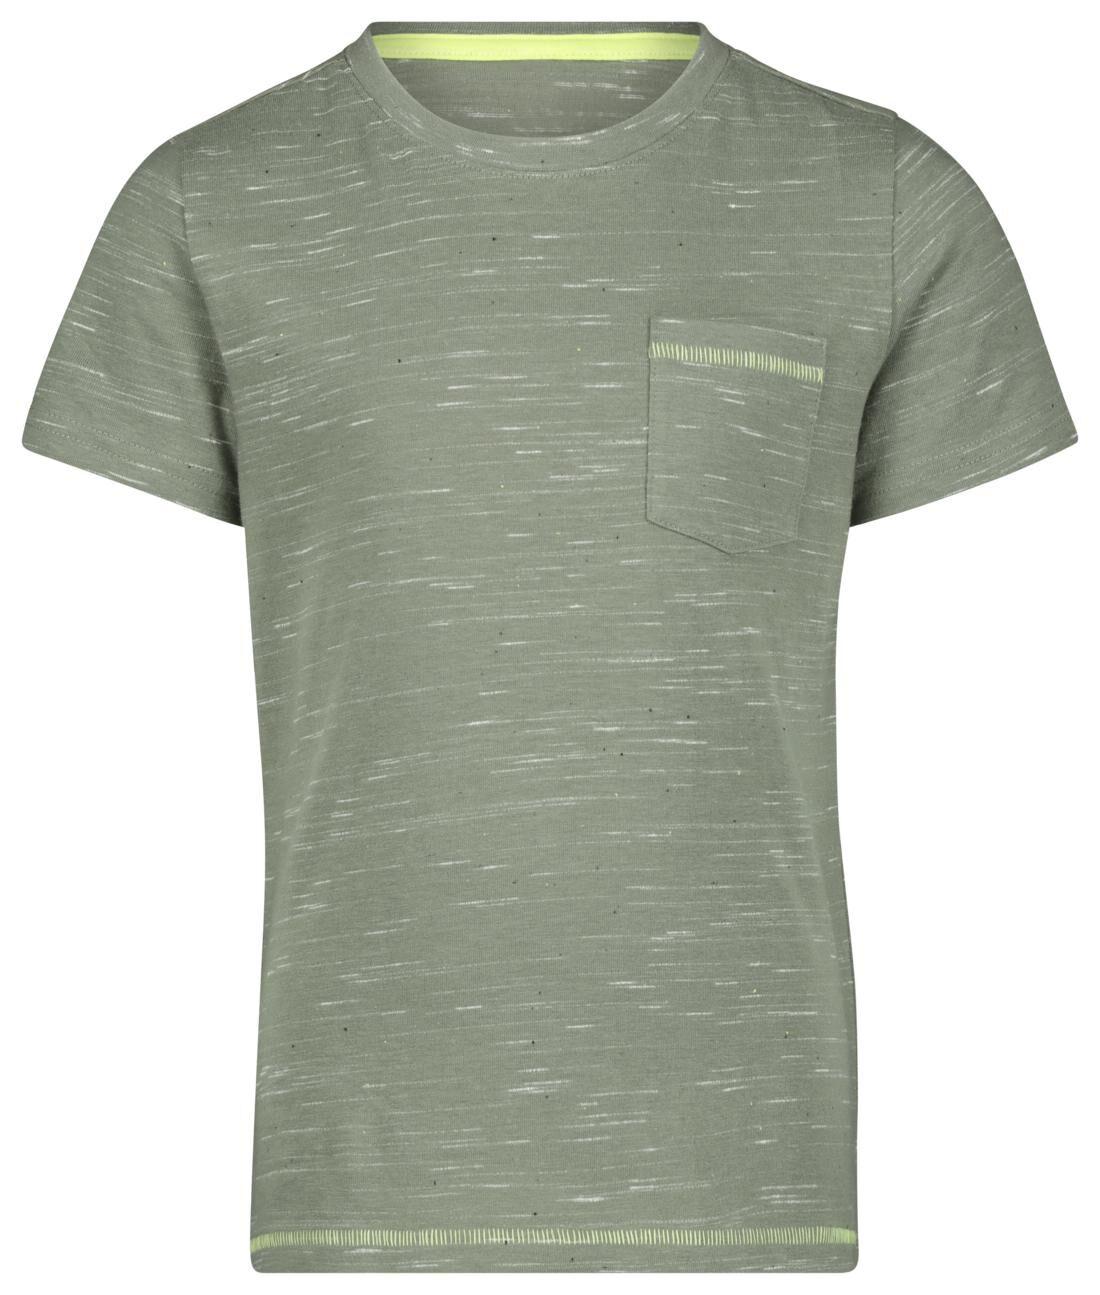 HEMA Kinder T-shirt Lichtgroen (lichtgroen)